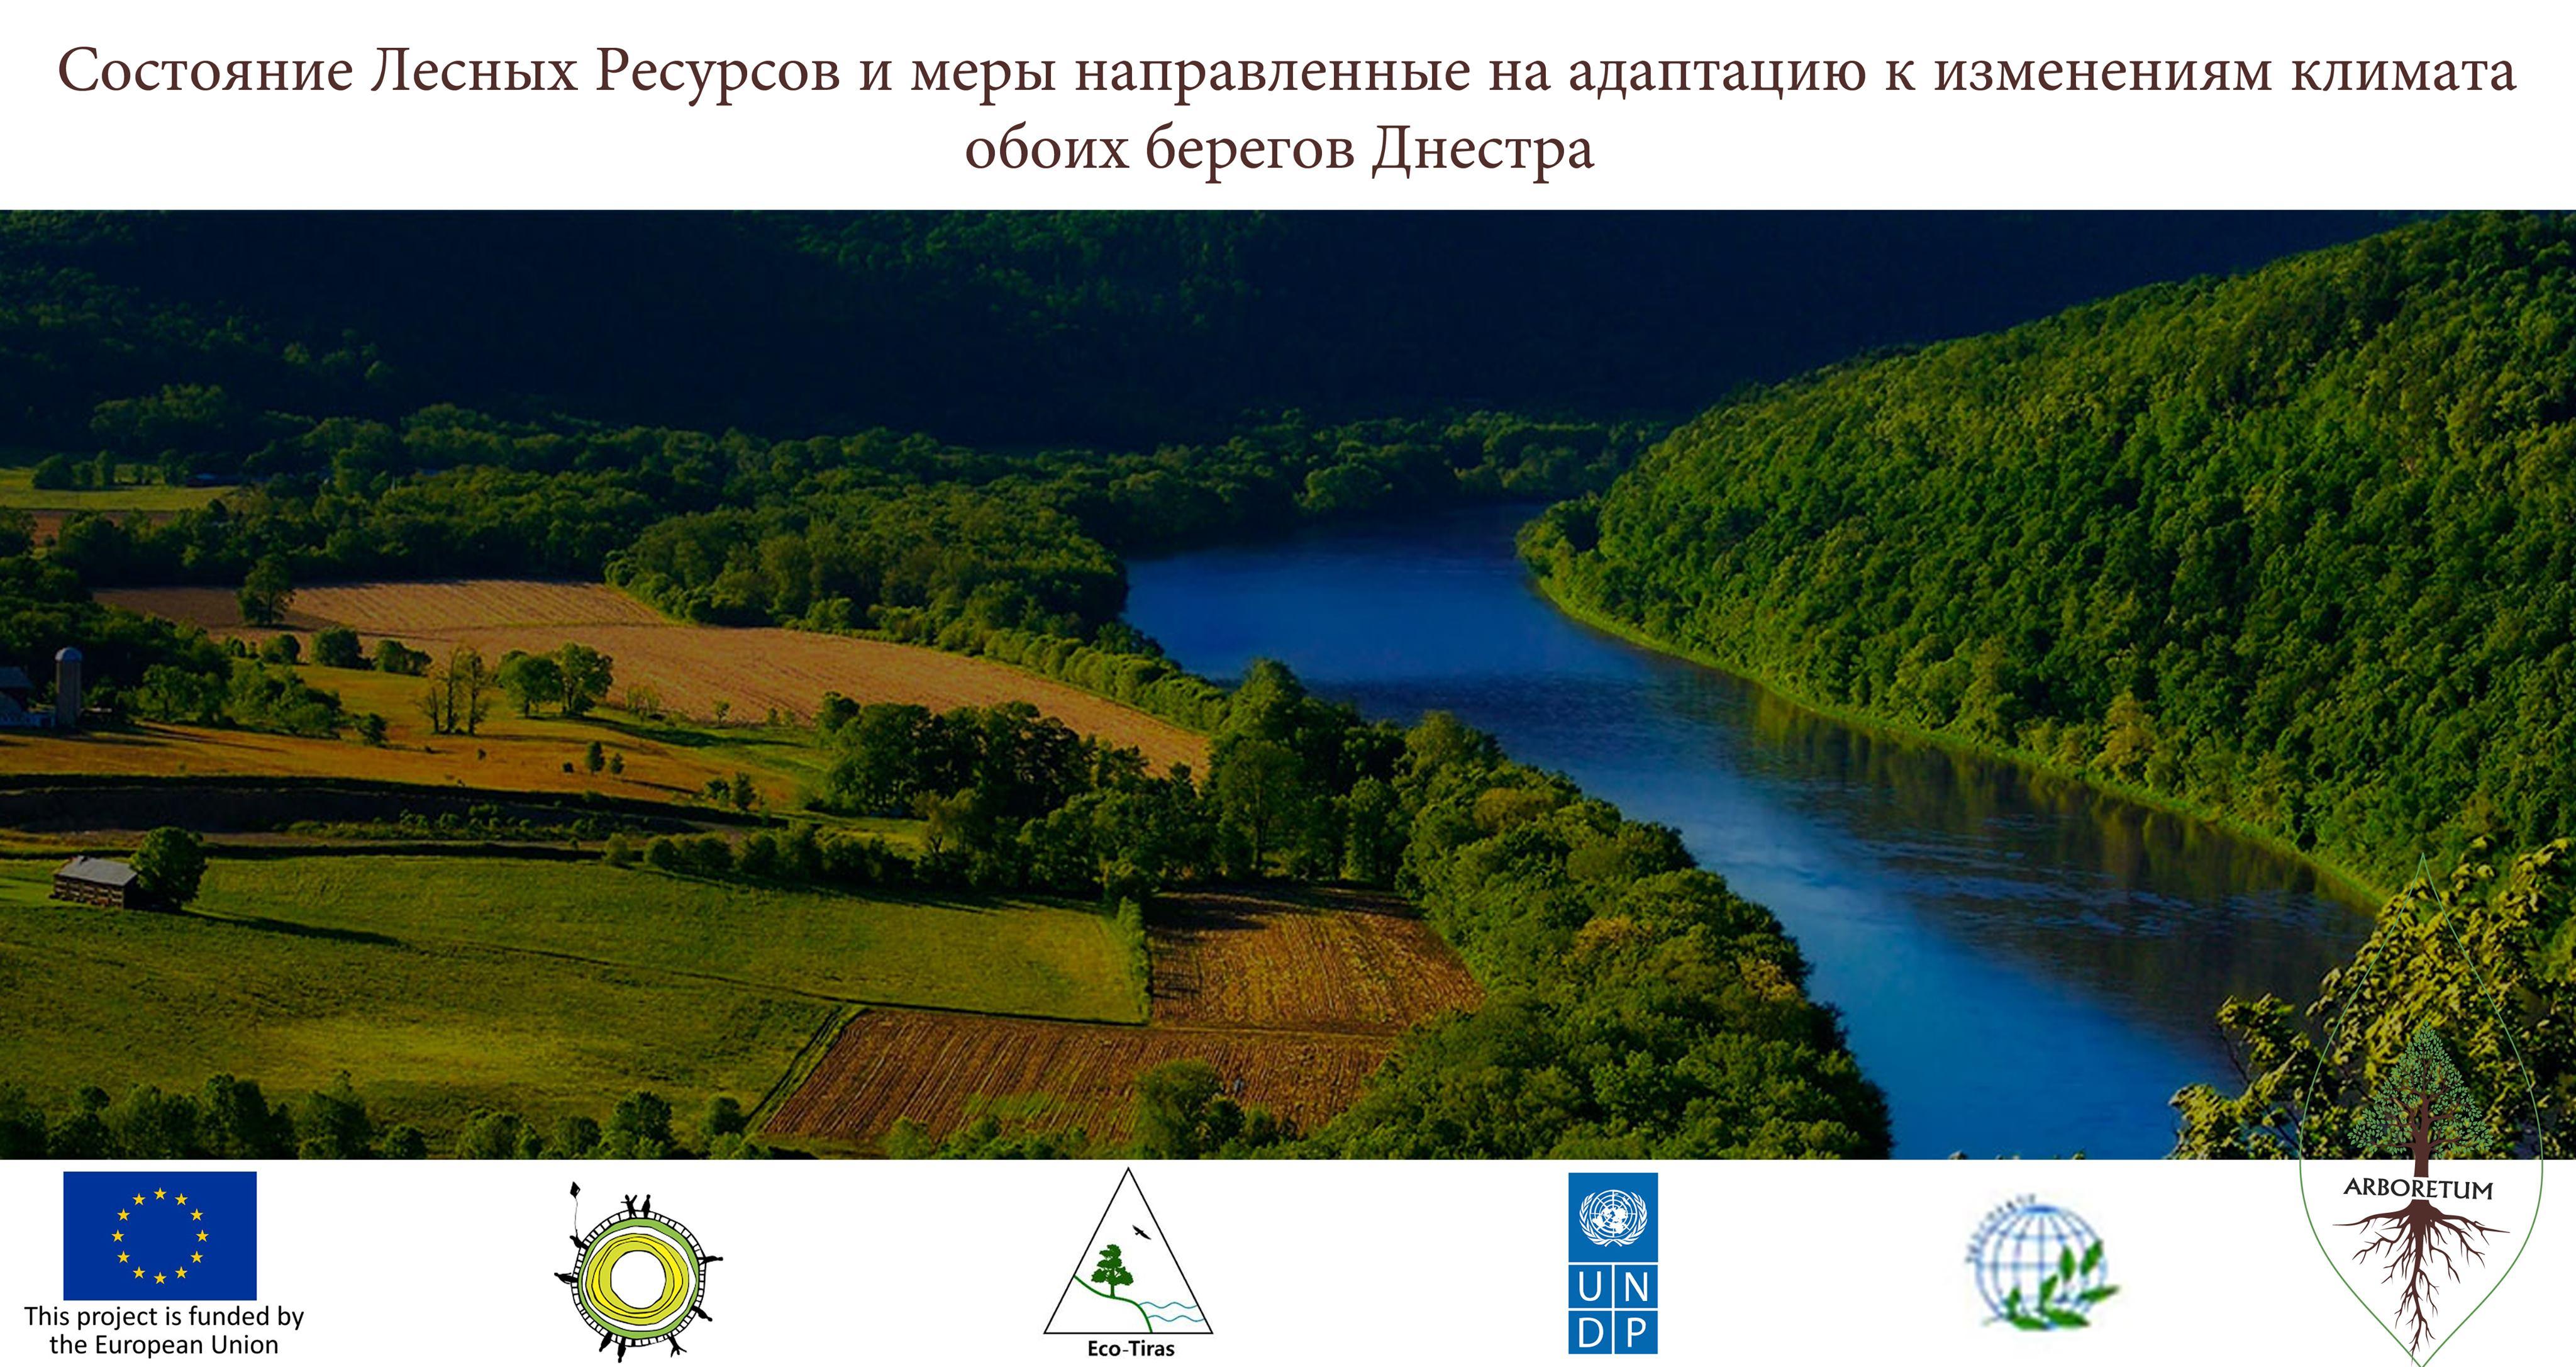 [VIDEO] «Состояние Лесных Ресурсов и меры направленные на адаптацию к изменениям климата»